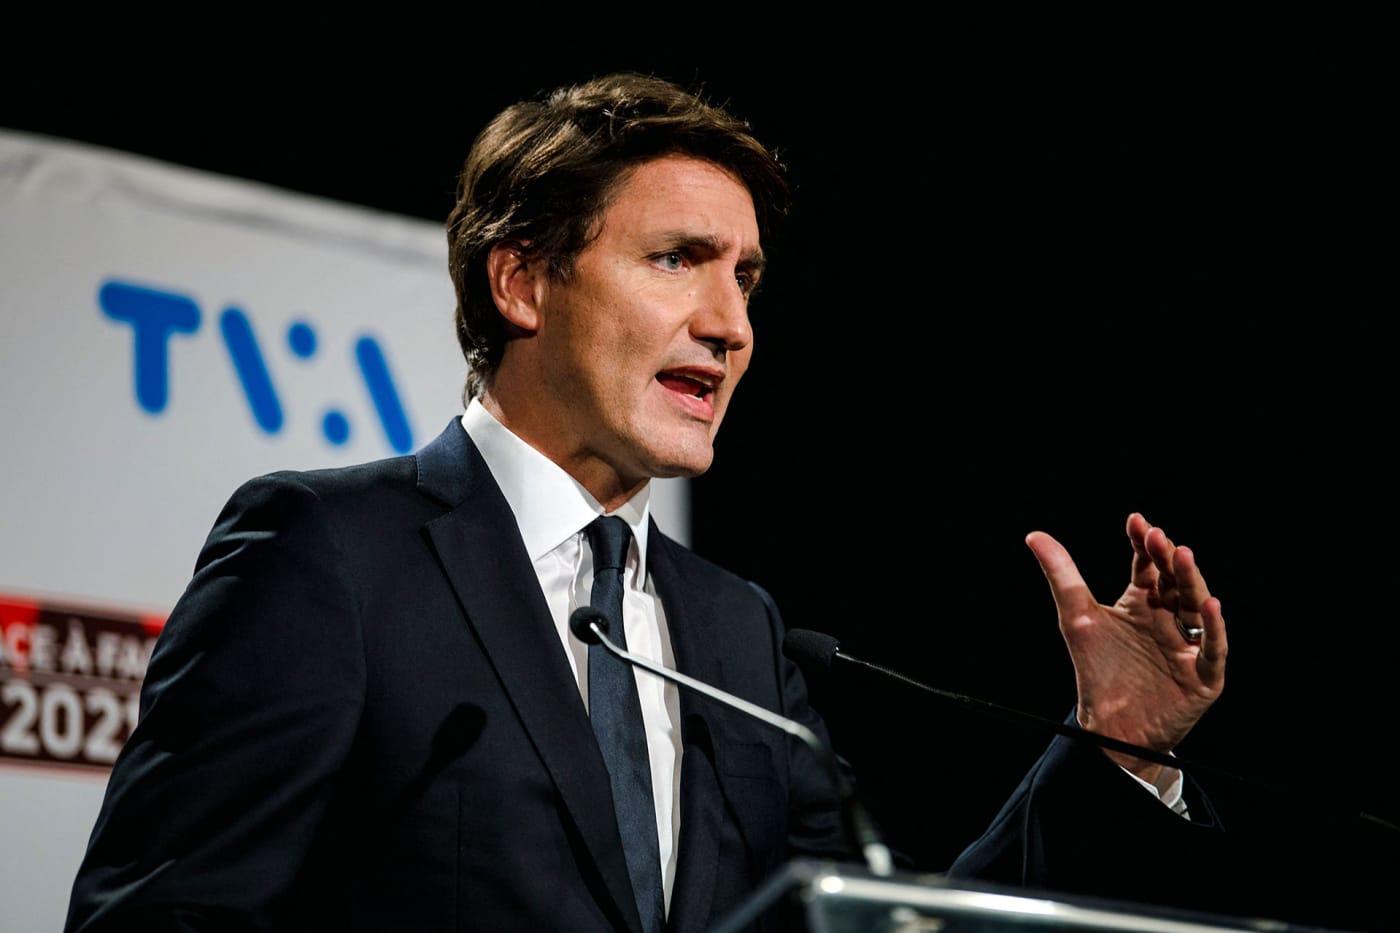 Trudeau speaks during debate